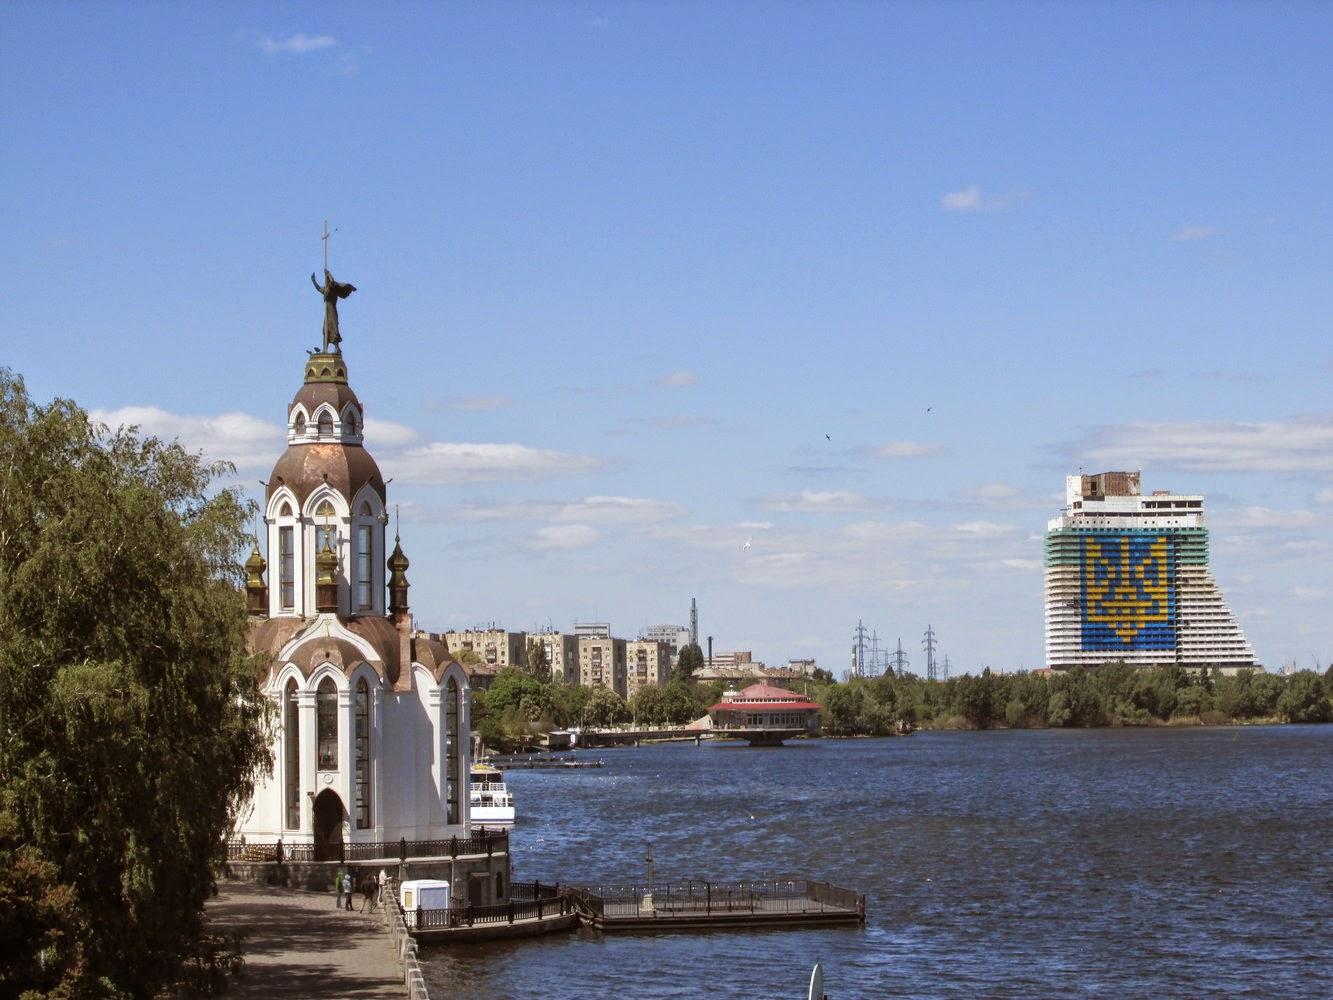 В ООН хотят разработать план развития Украины на ближайшие 15 лет - Цензор.НЕТ 6306